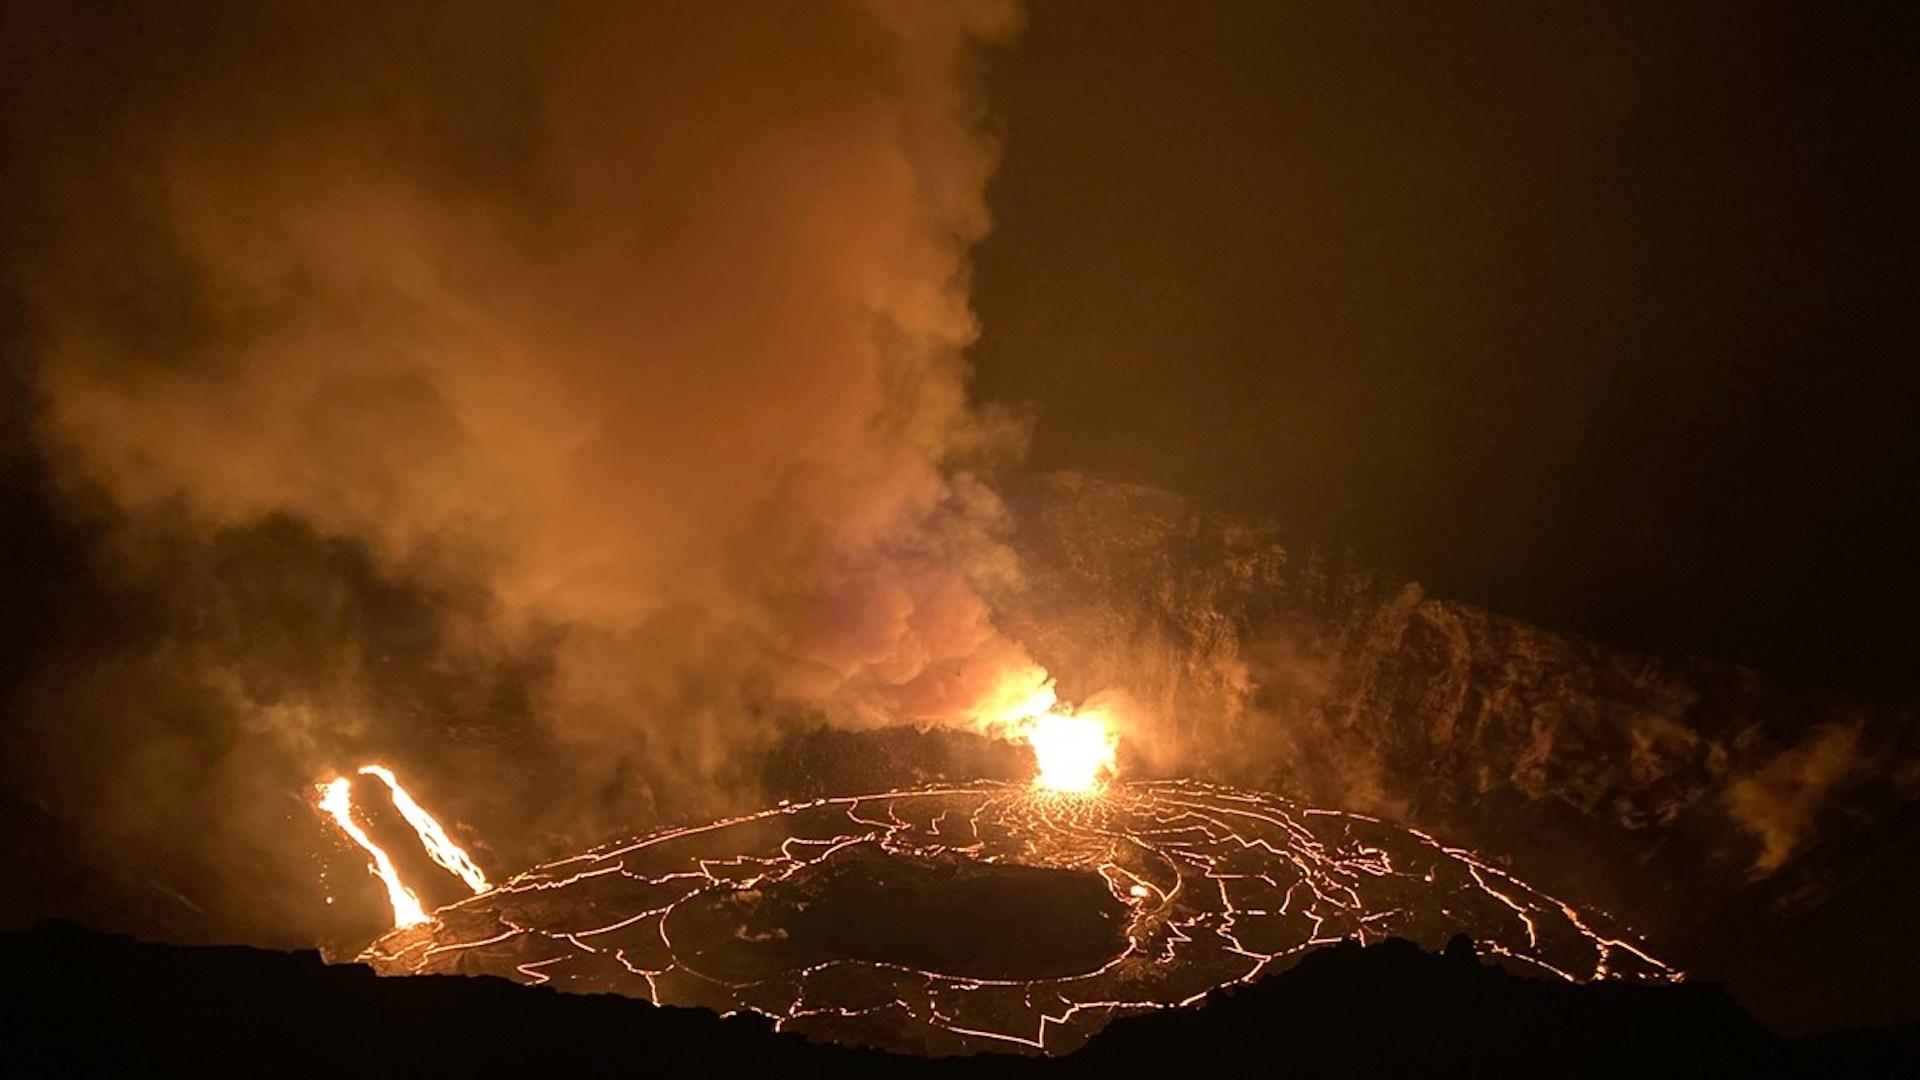 Cómo ver el volcán Kilauea haciendo erupción en Hawái